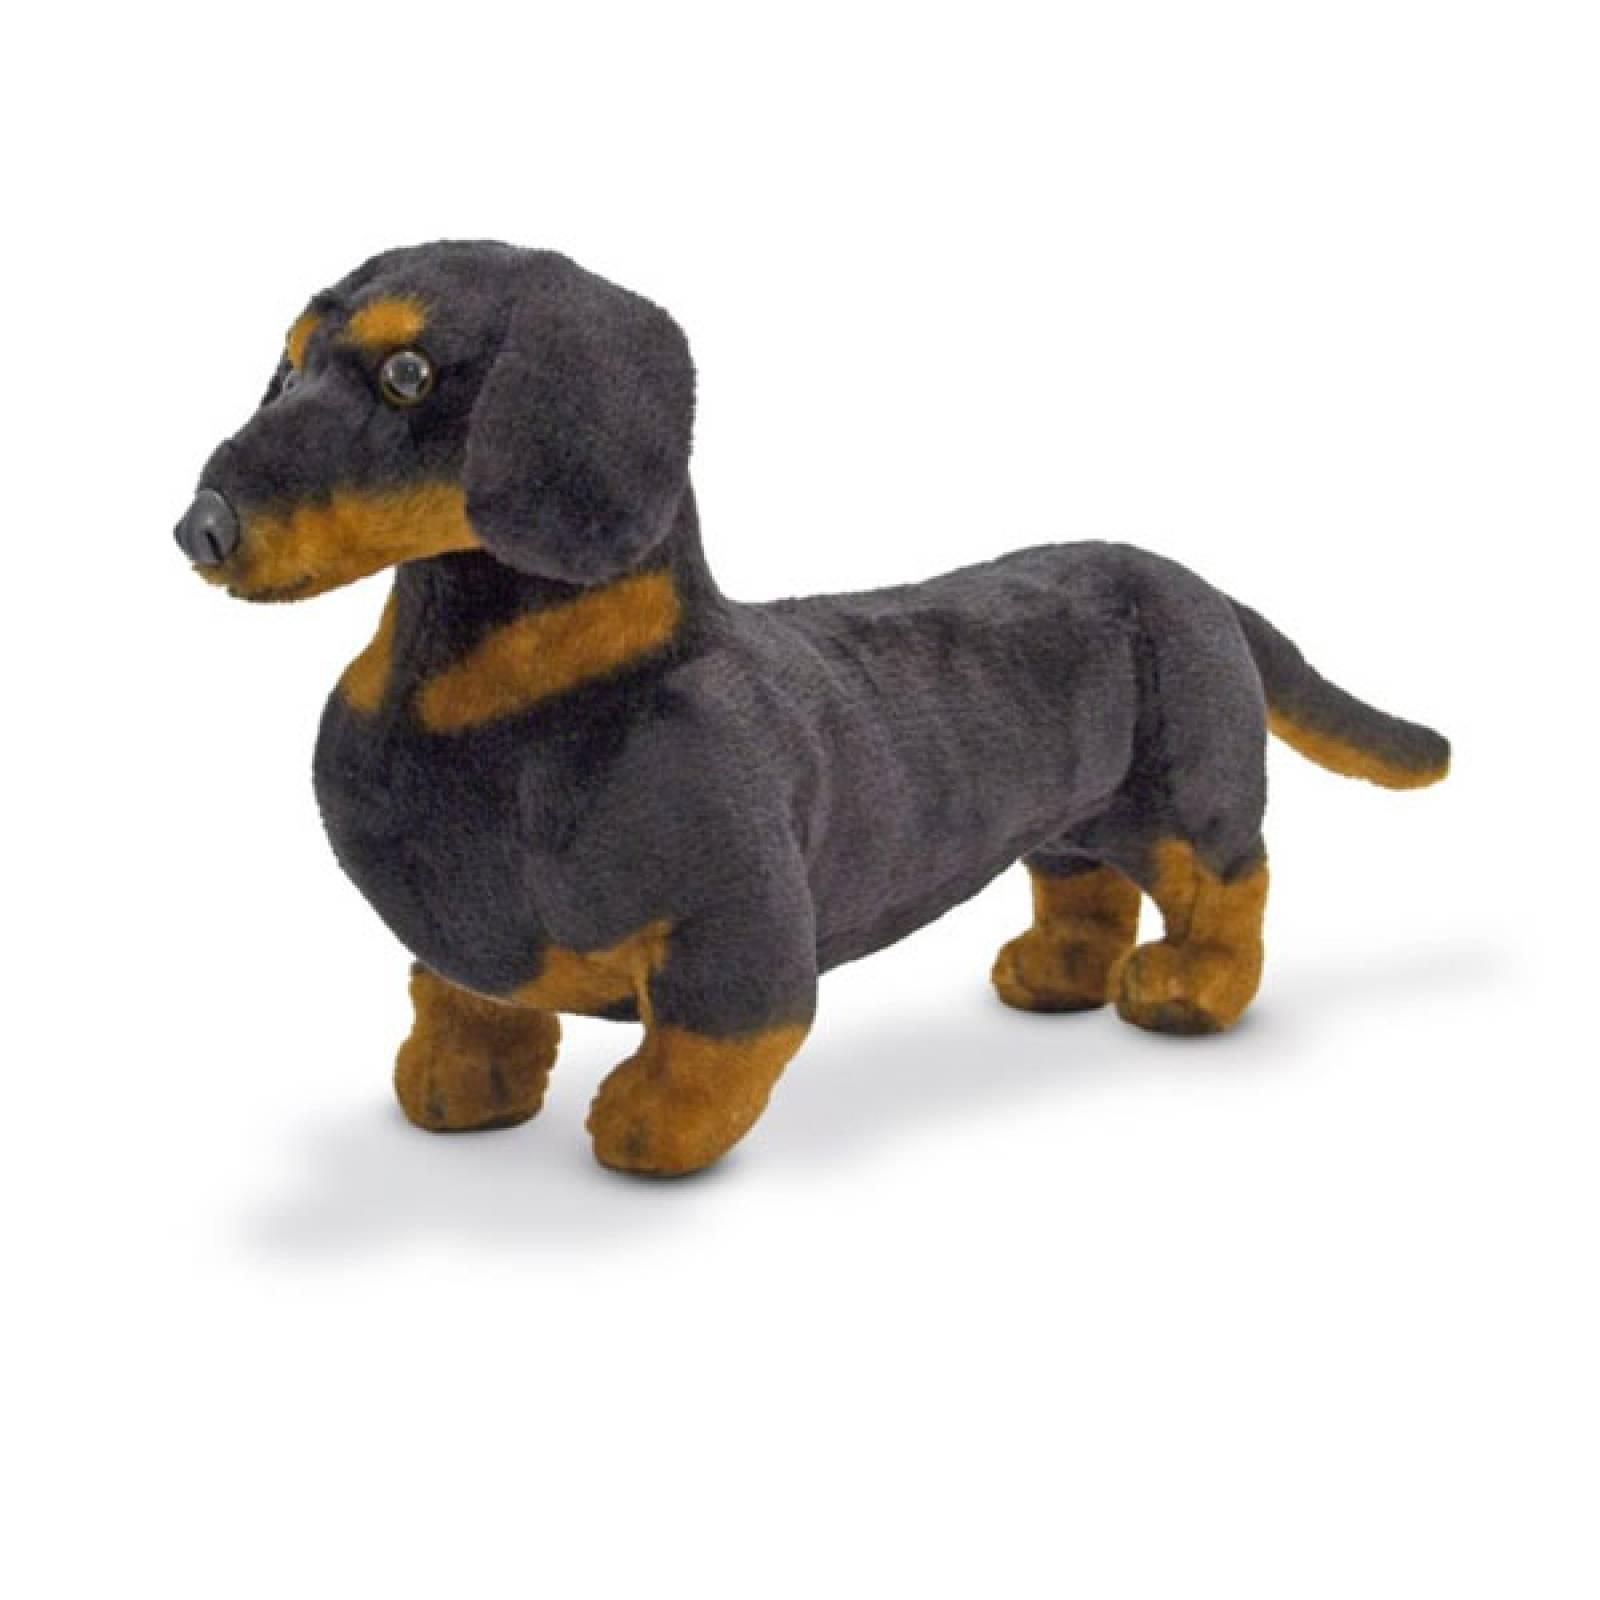 Dachshund Dog Soft Toy Animal